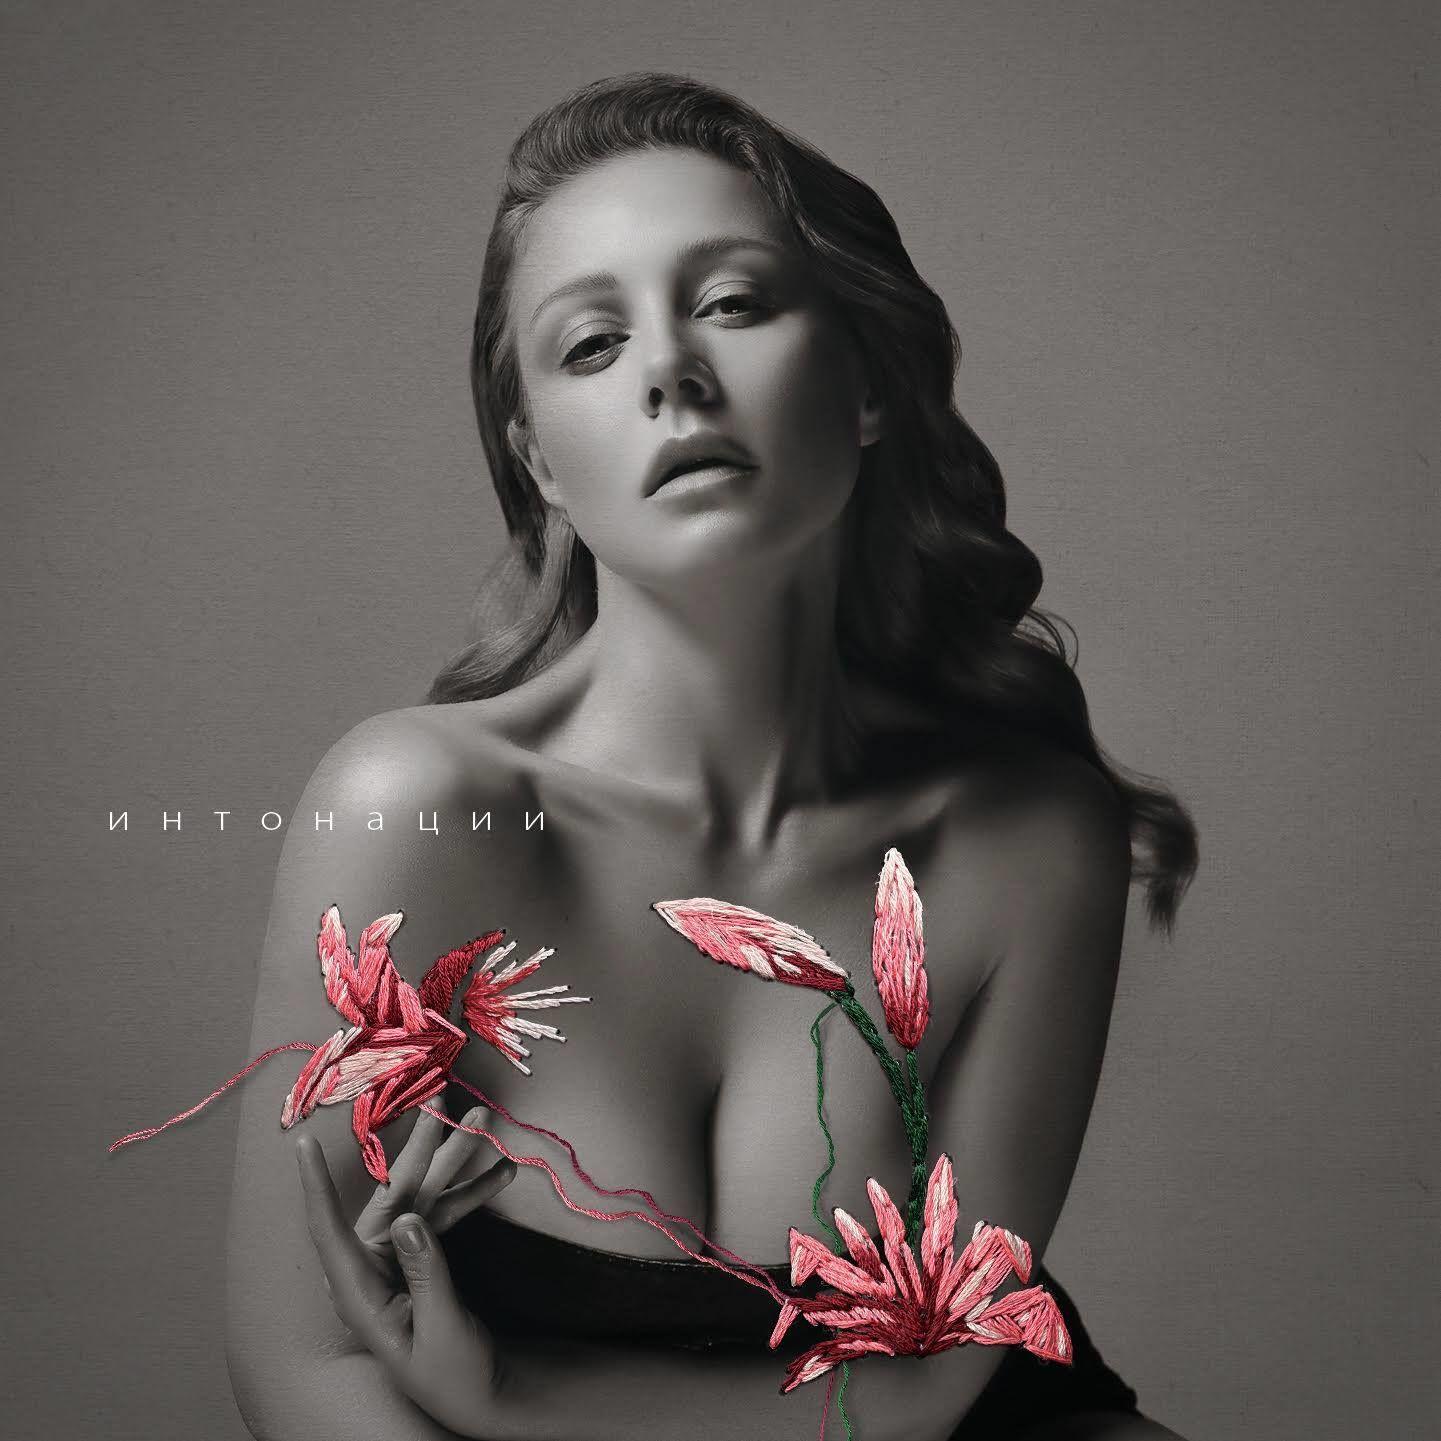 Жіноче Ята інтонації душі - новий альбом Тіни Кароль